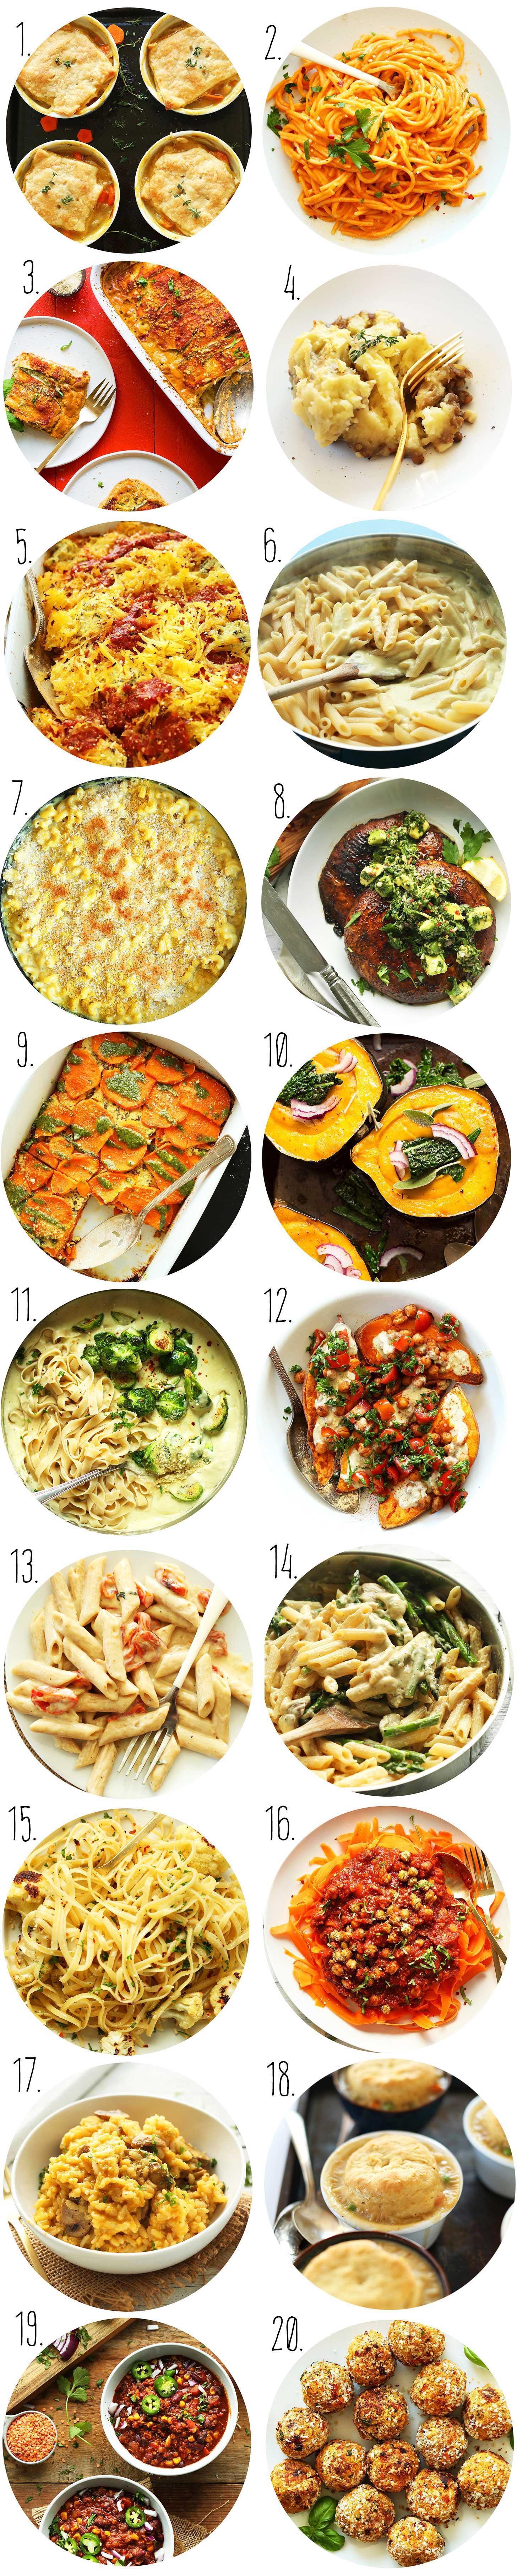 Holiday Entree Recipes Minimalist Baker Recipes